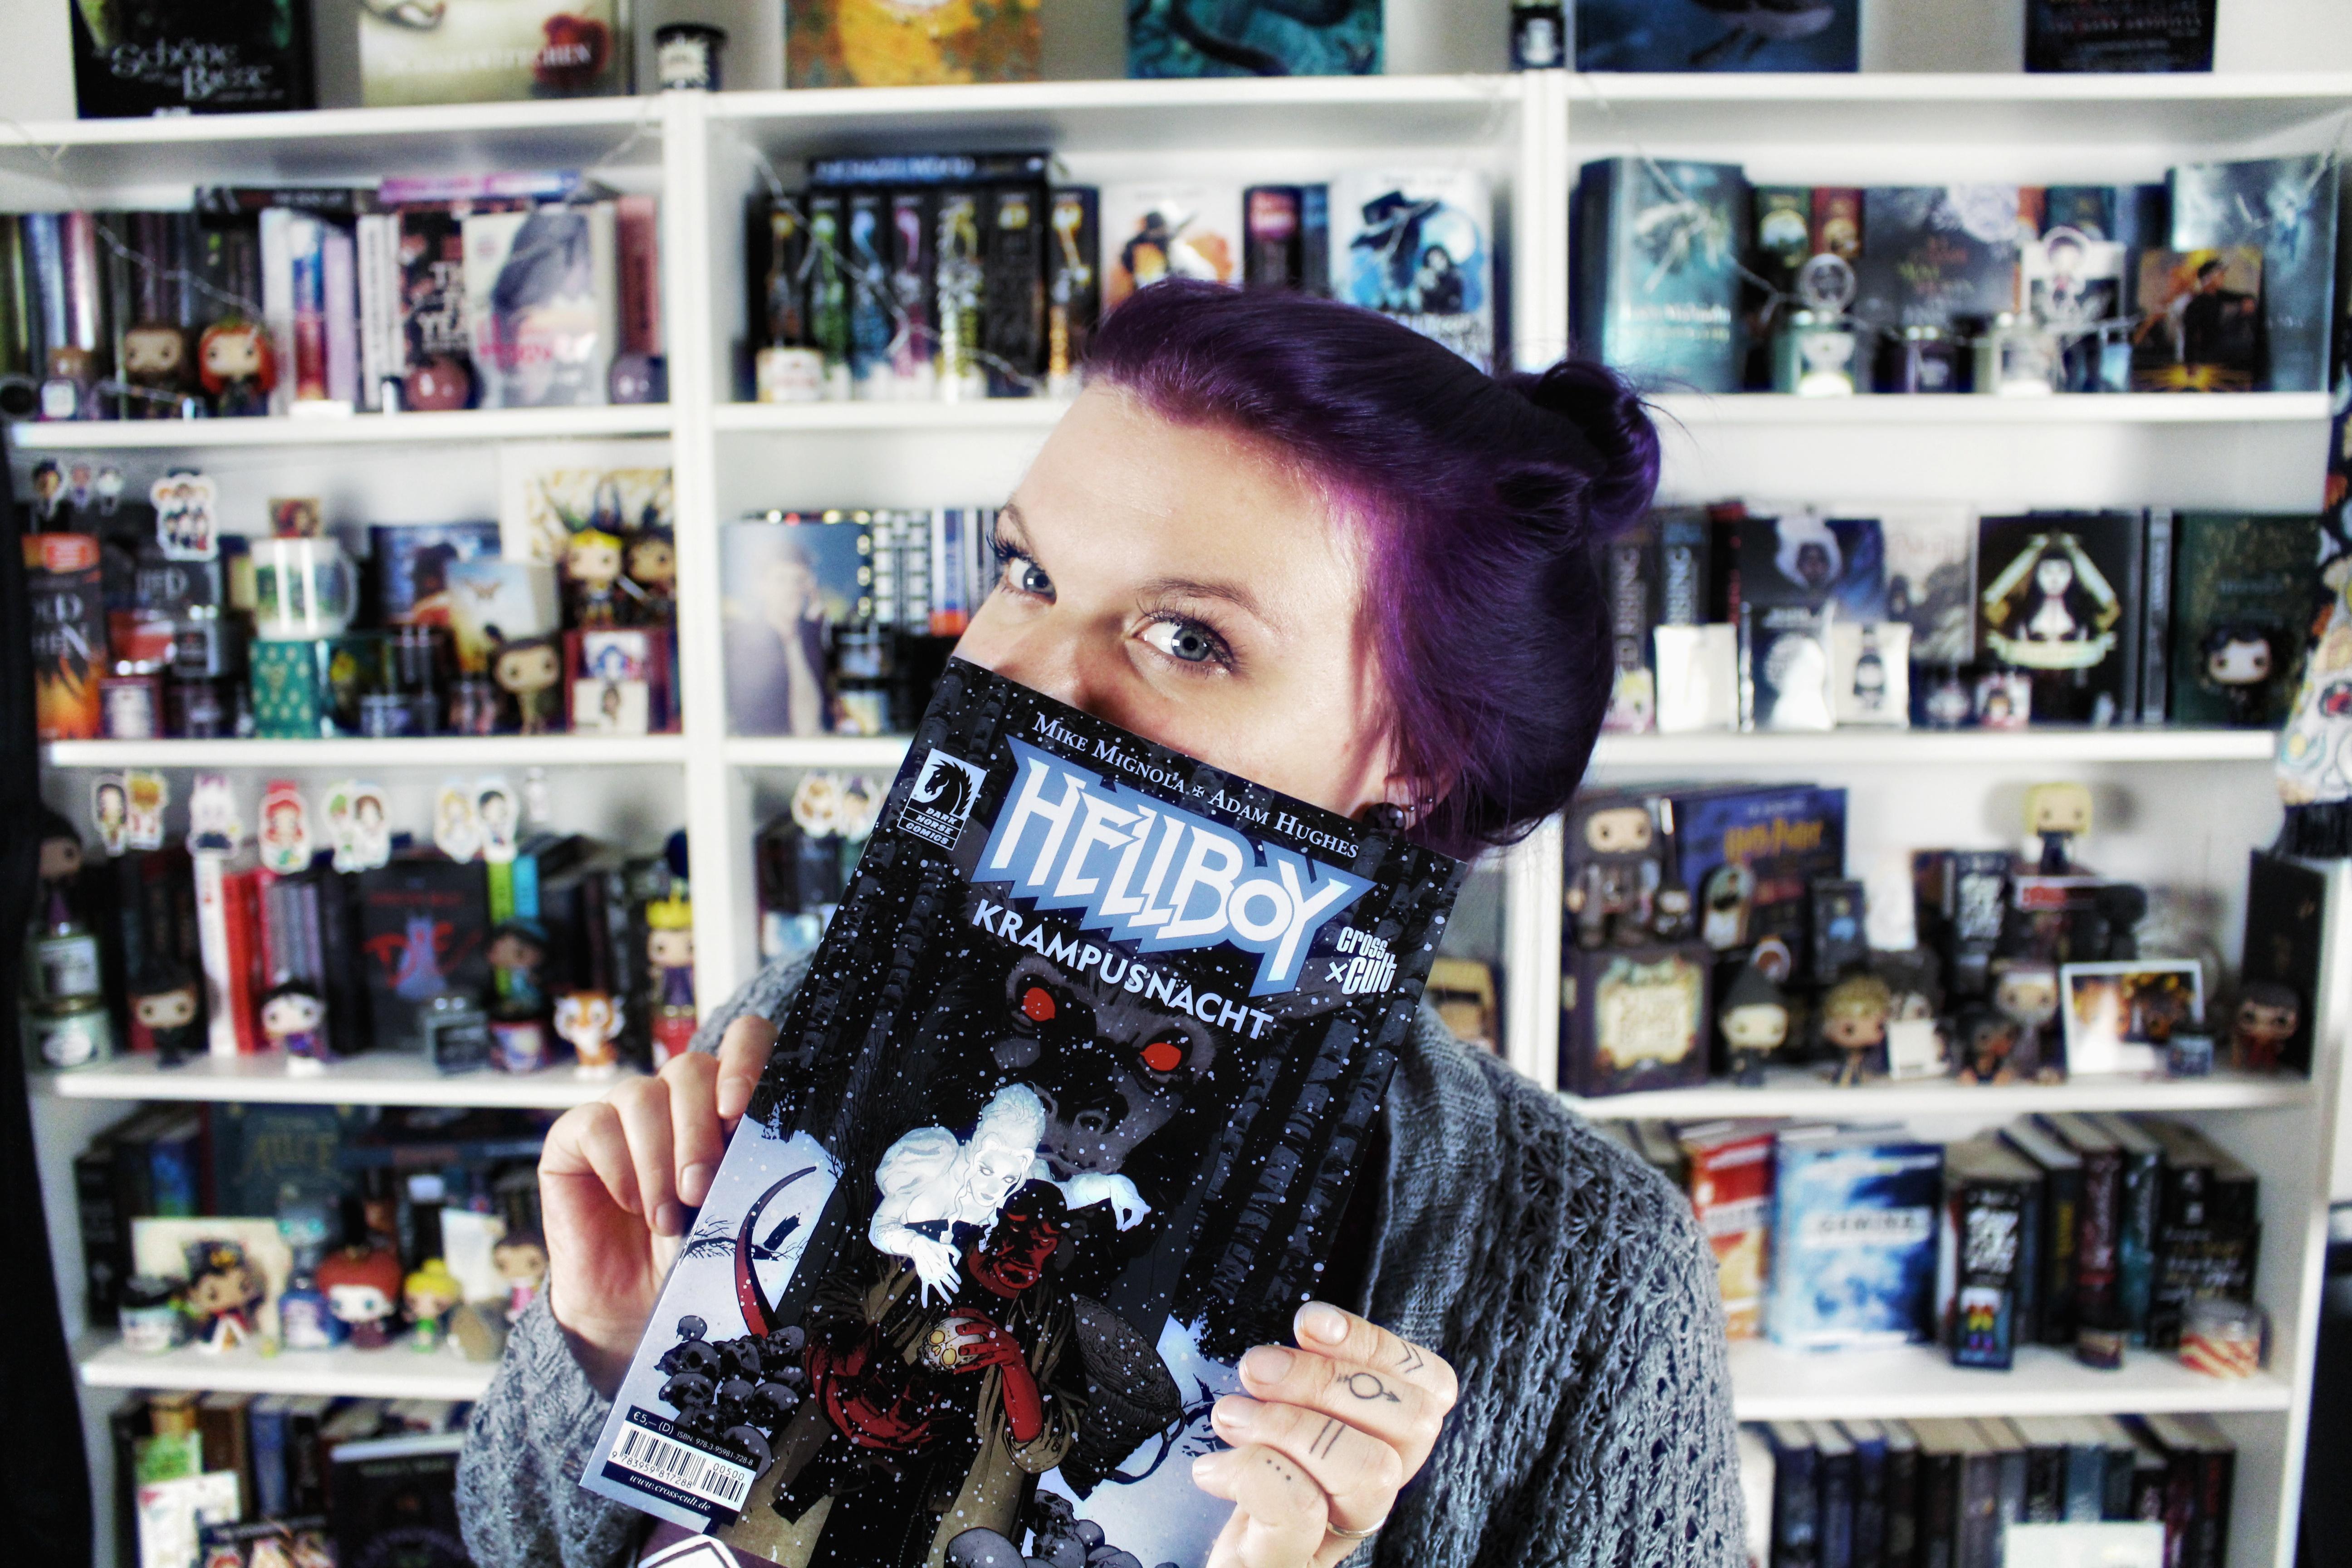 Rezension | Hellboy : Krampusnacht von Mike Mignola